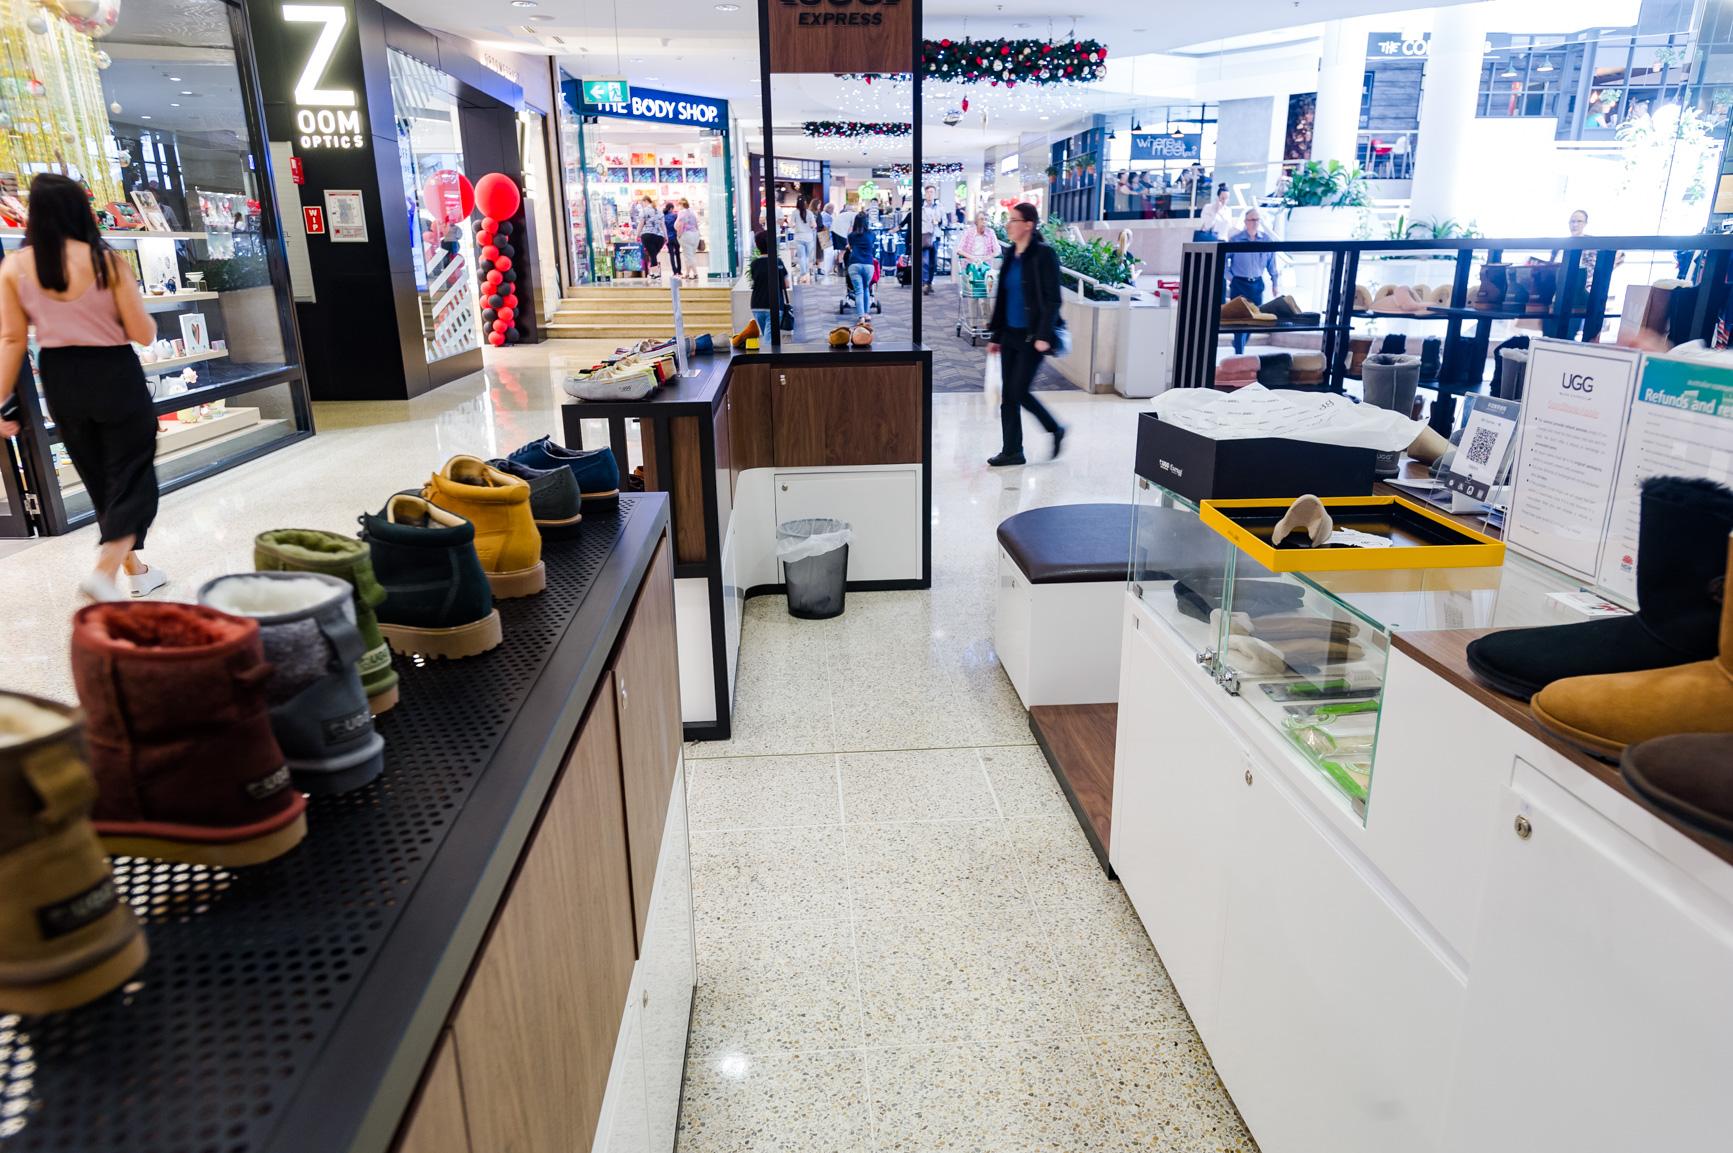 d03e7cbd286 UGG EXPRESS kiosk design and manufacture - Centre Square